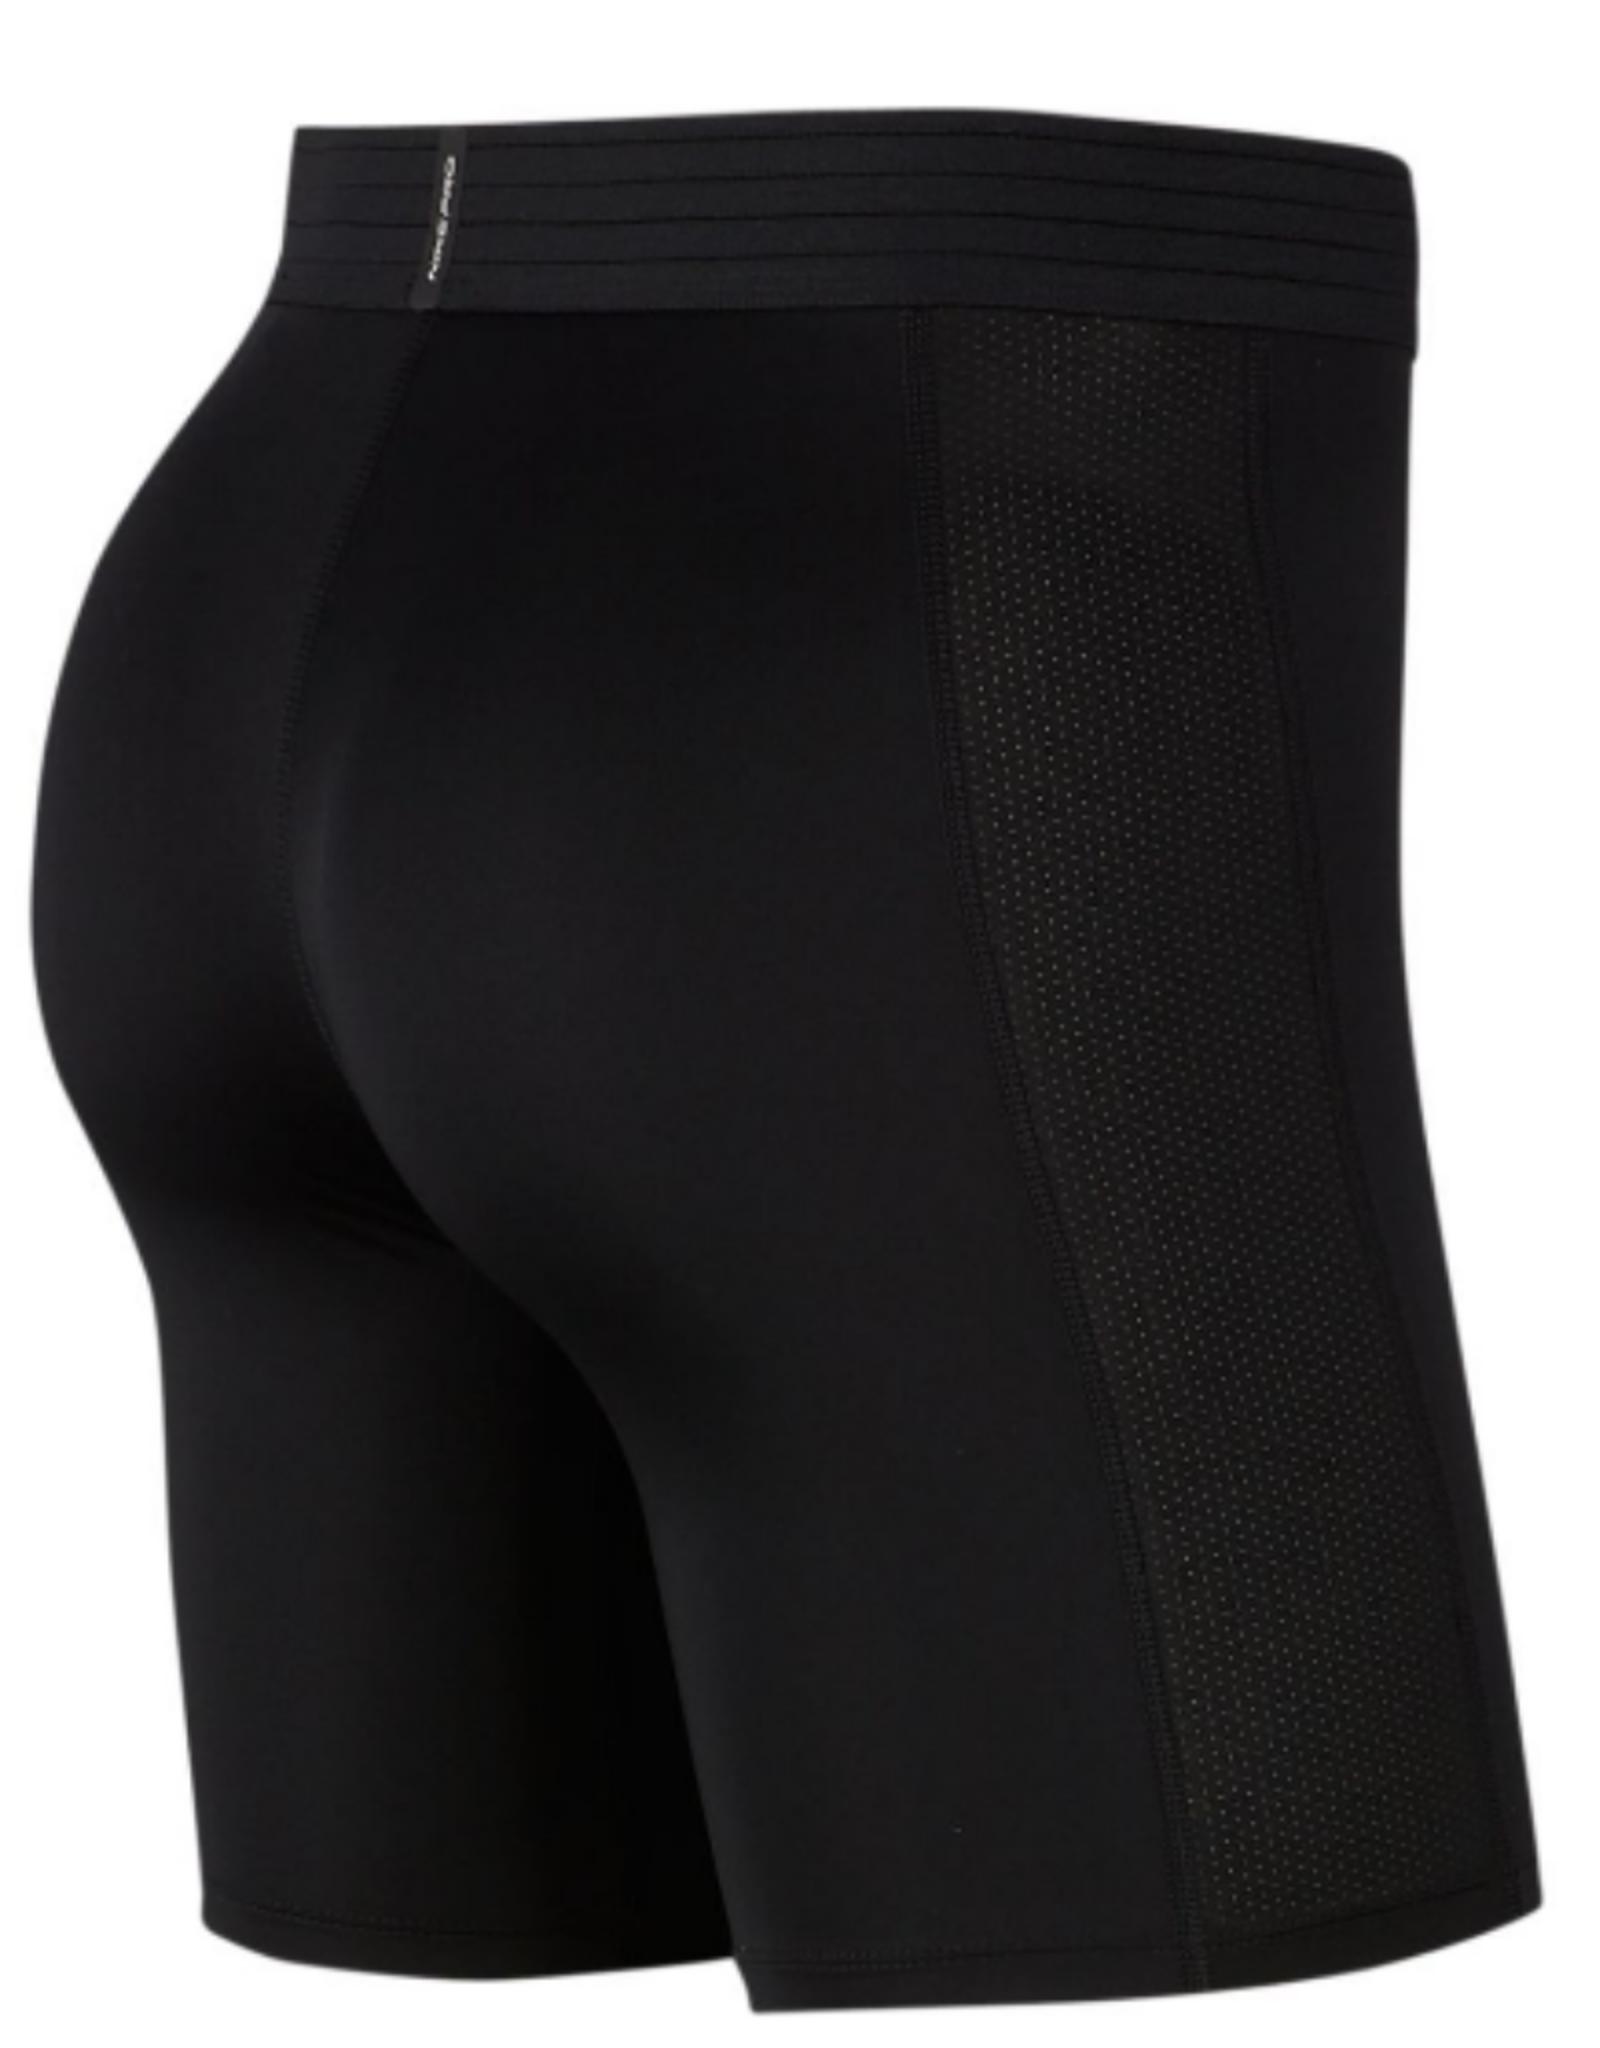 Nike Men's Pro Short Black